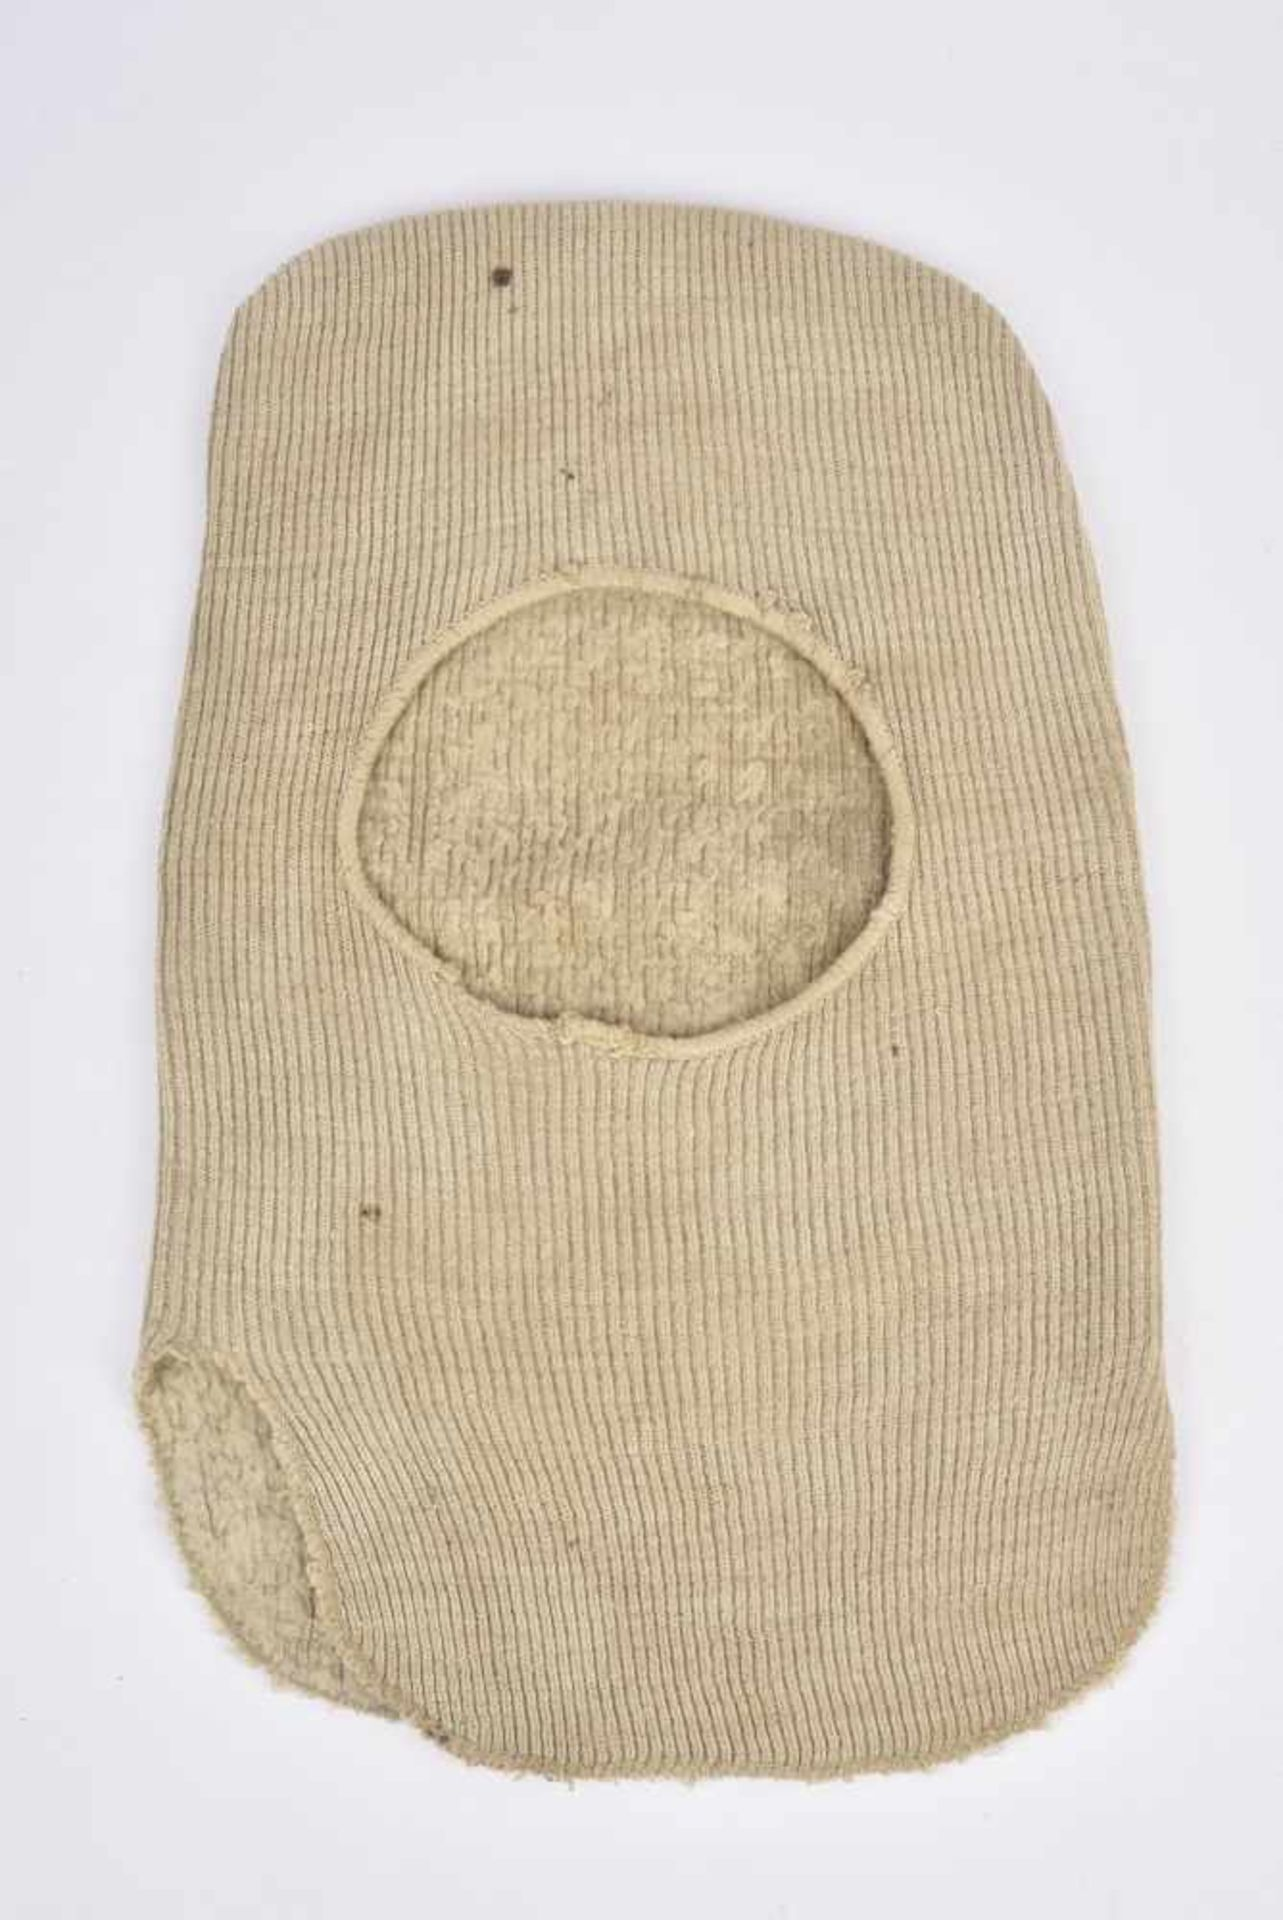 Los 1694 - Cagoule M38 1 Cagoule M.38 en laine. 1 M.38 hoods in wool. Cette pièce provient de la collection